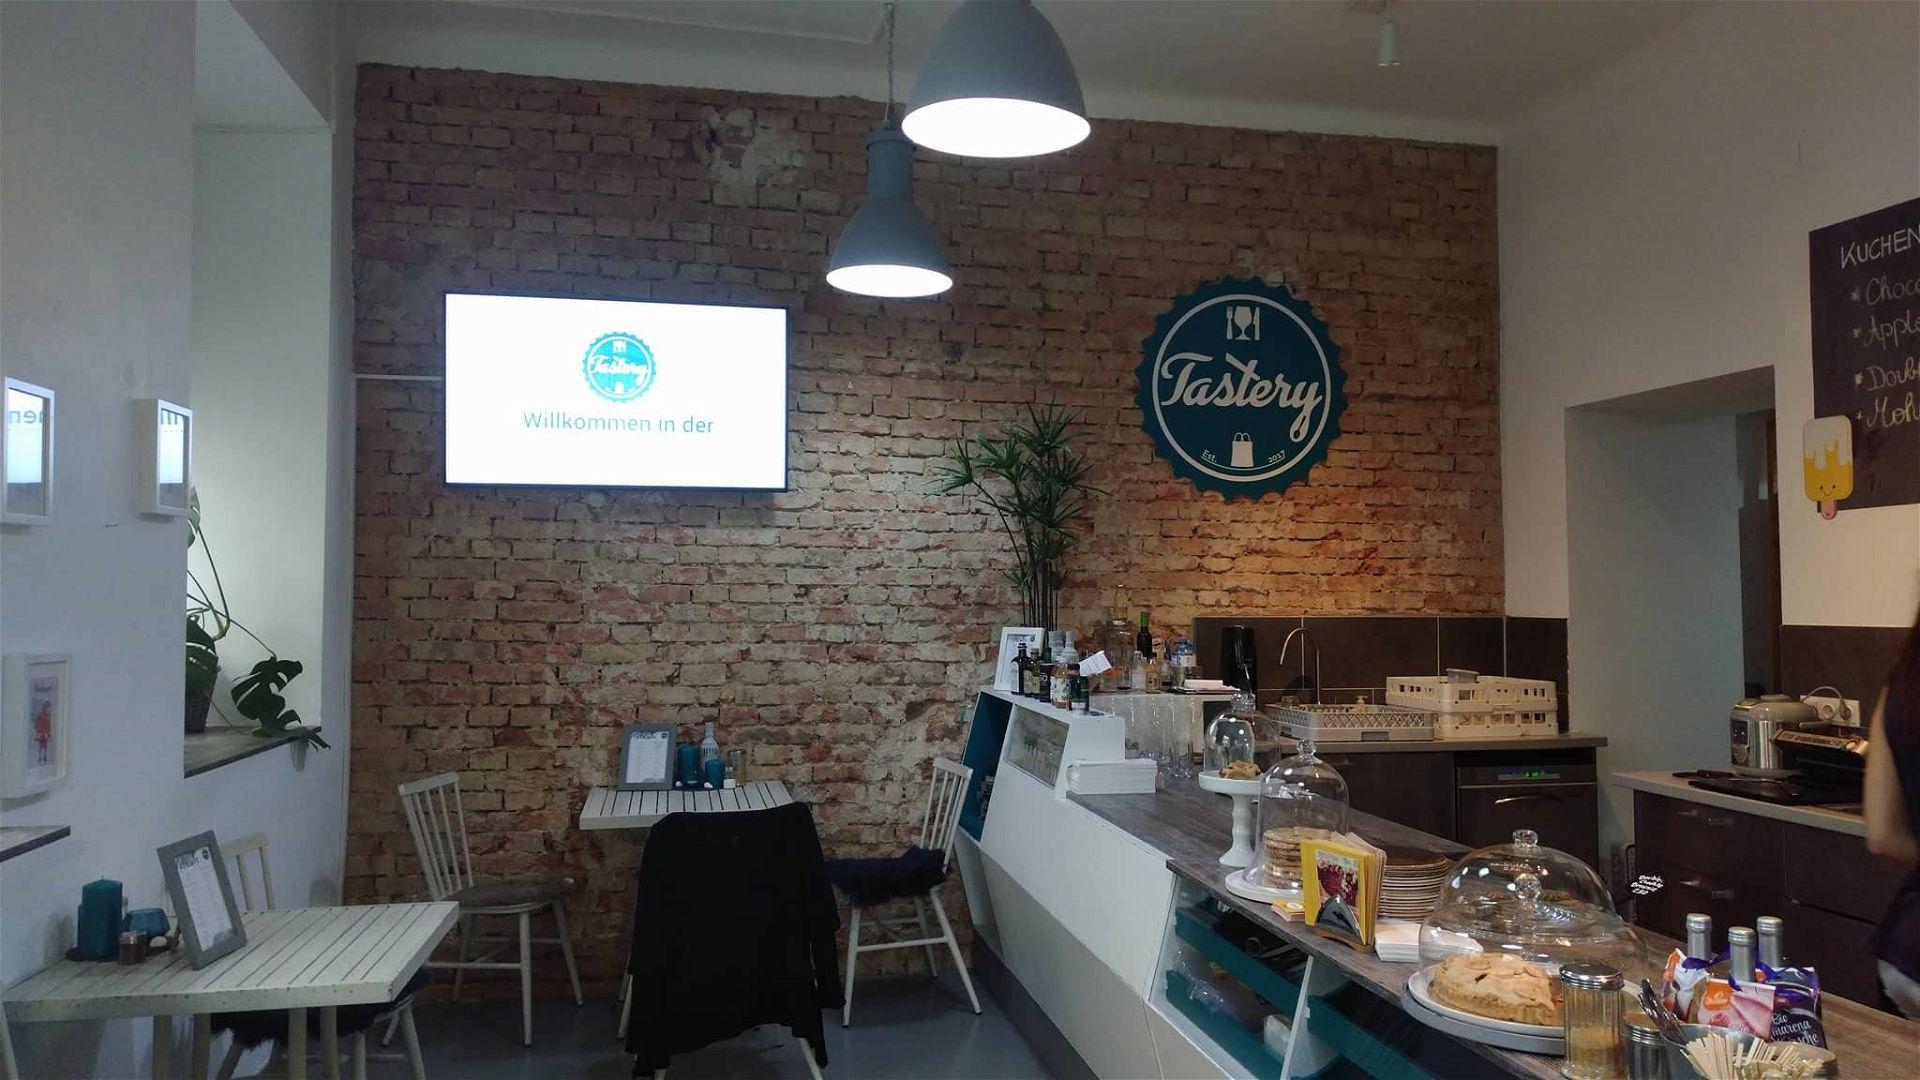 Tastery Wien